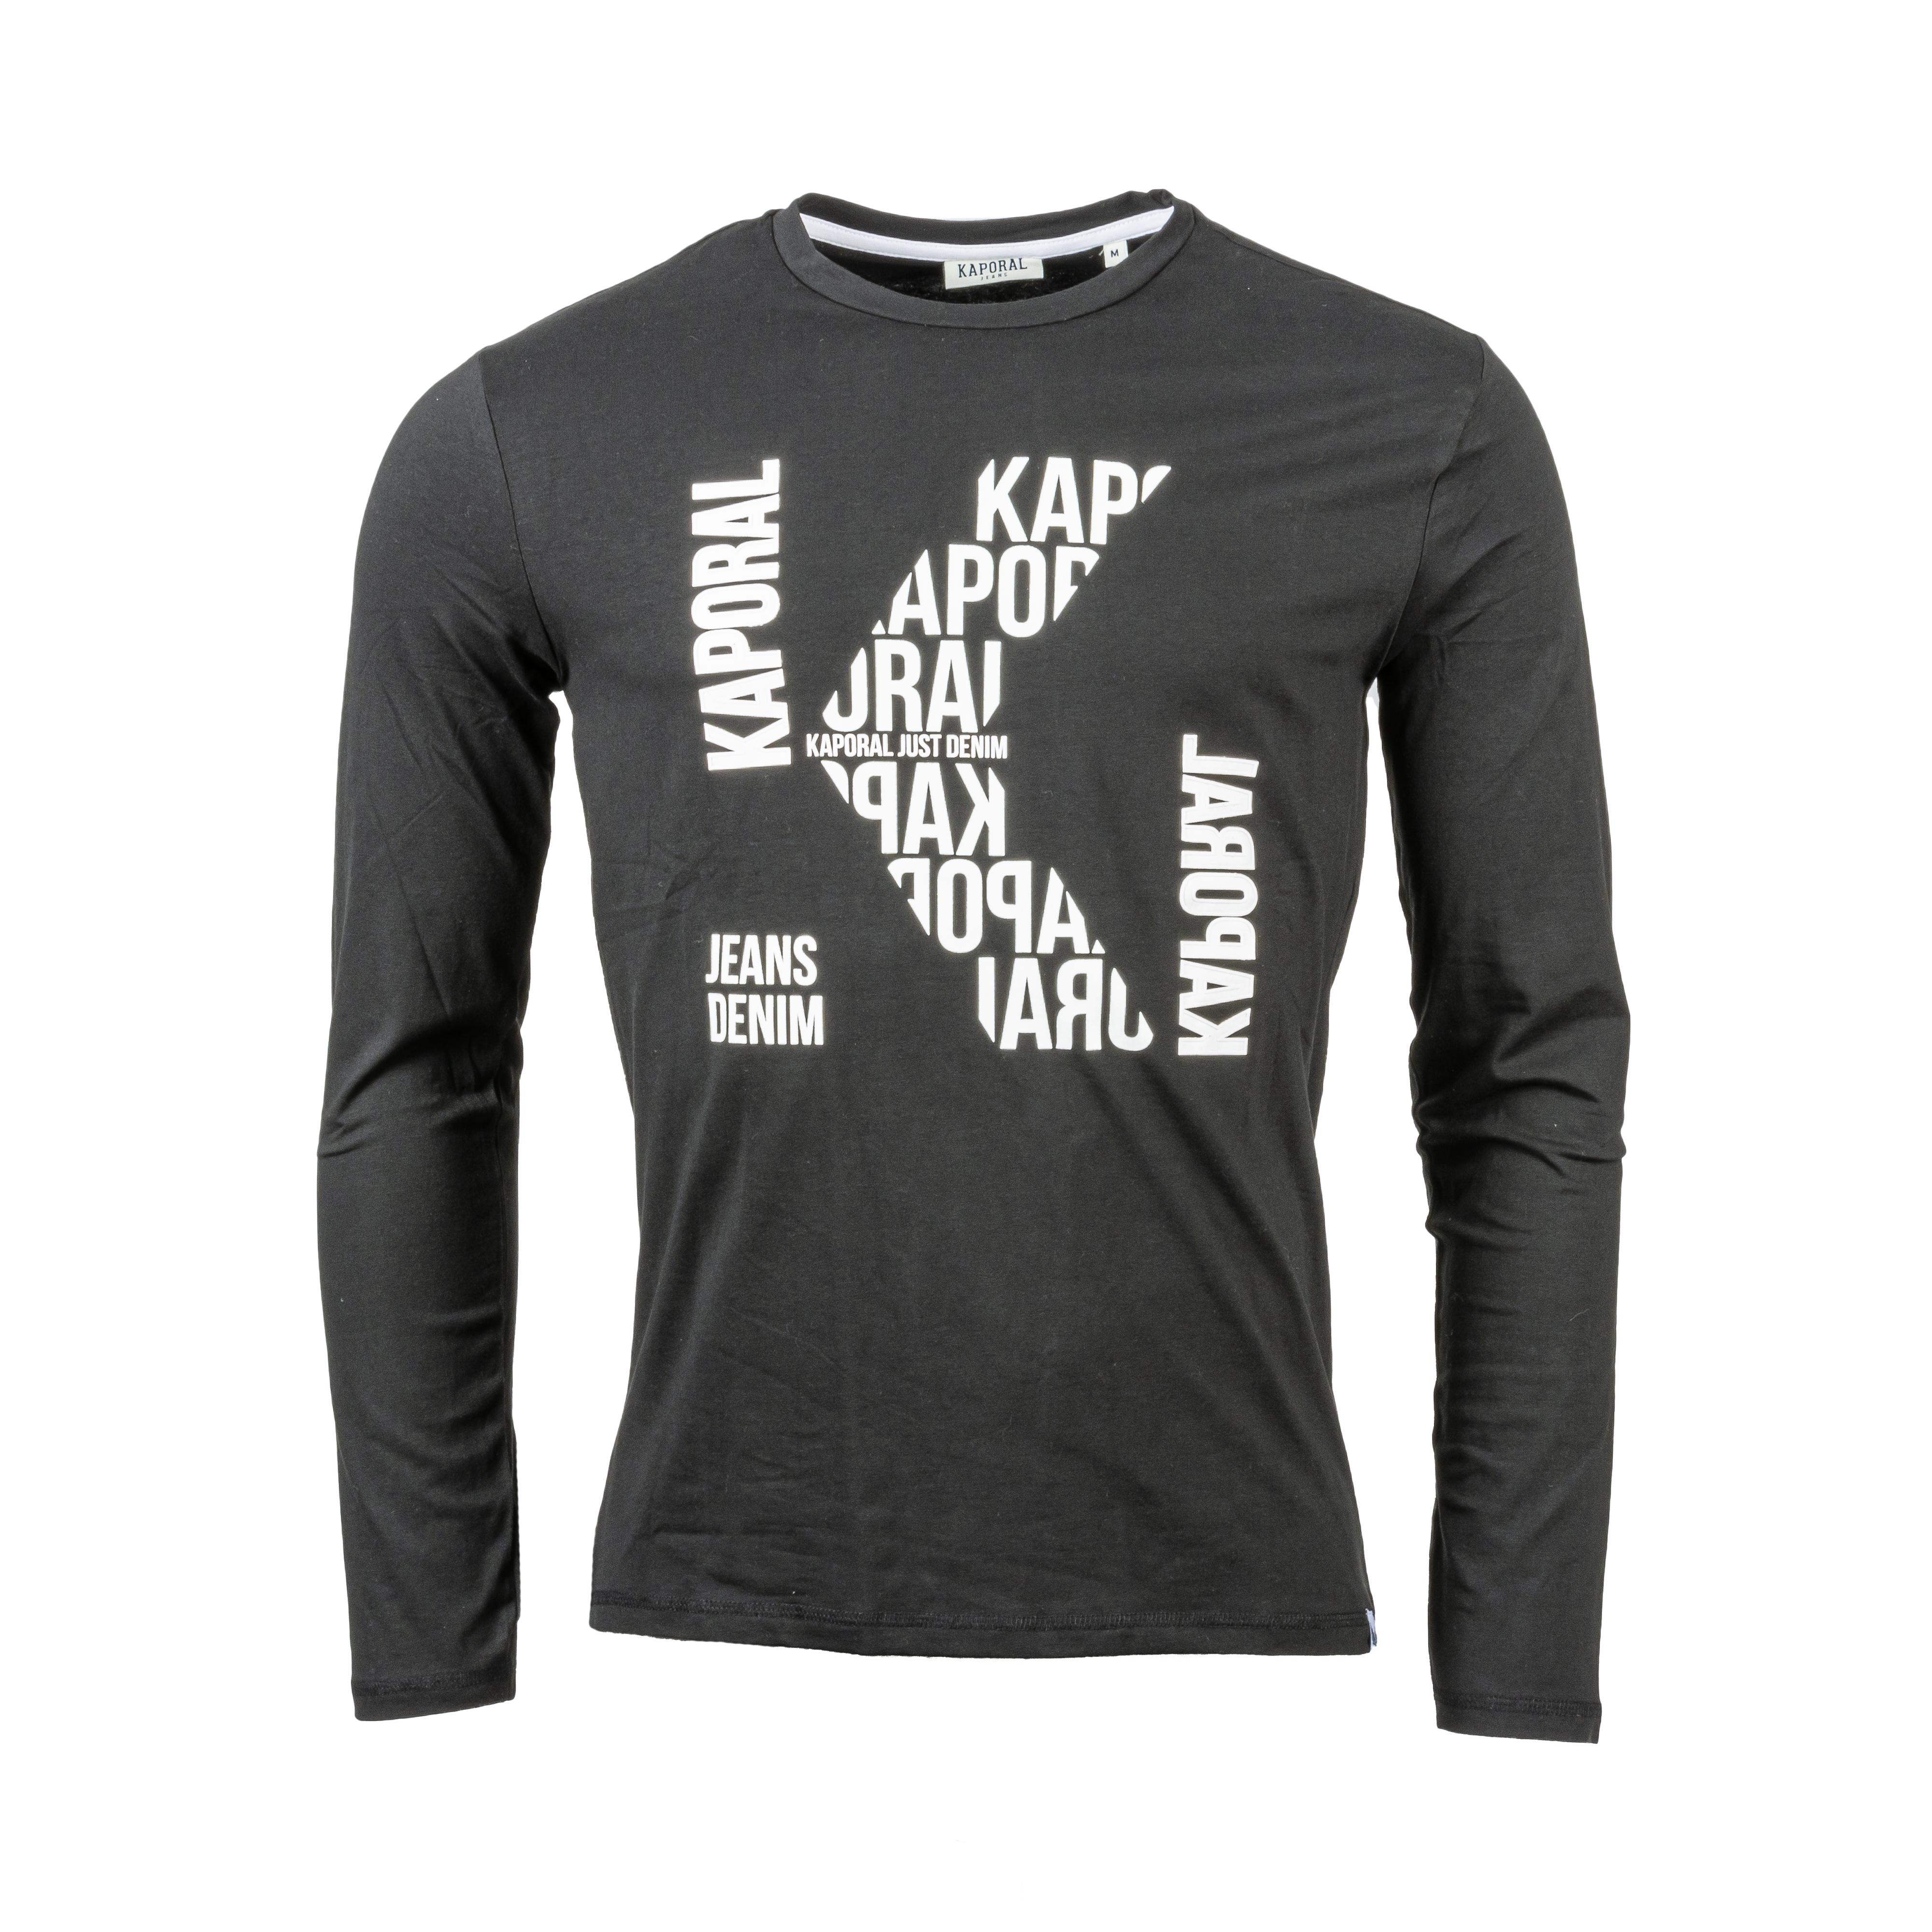 Tee-shirt col rond manches longues  gerlu en coton stretch noir flloqué